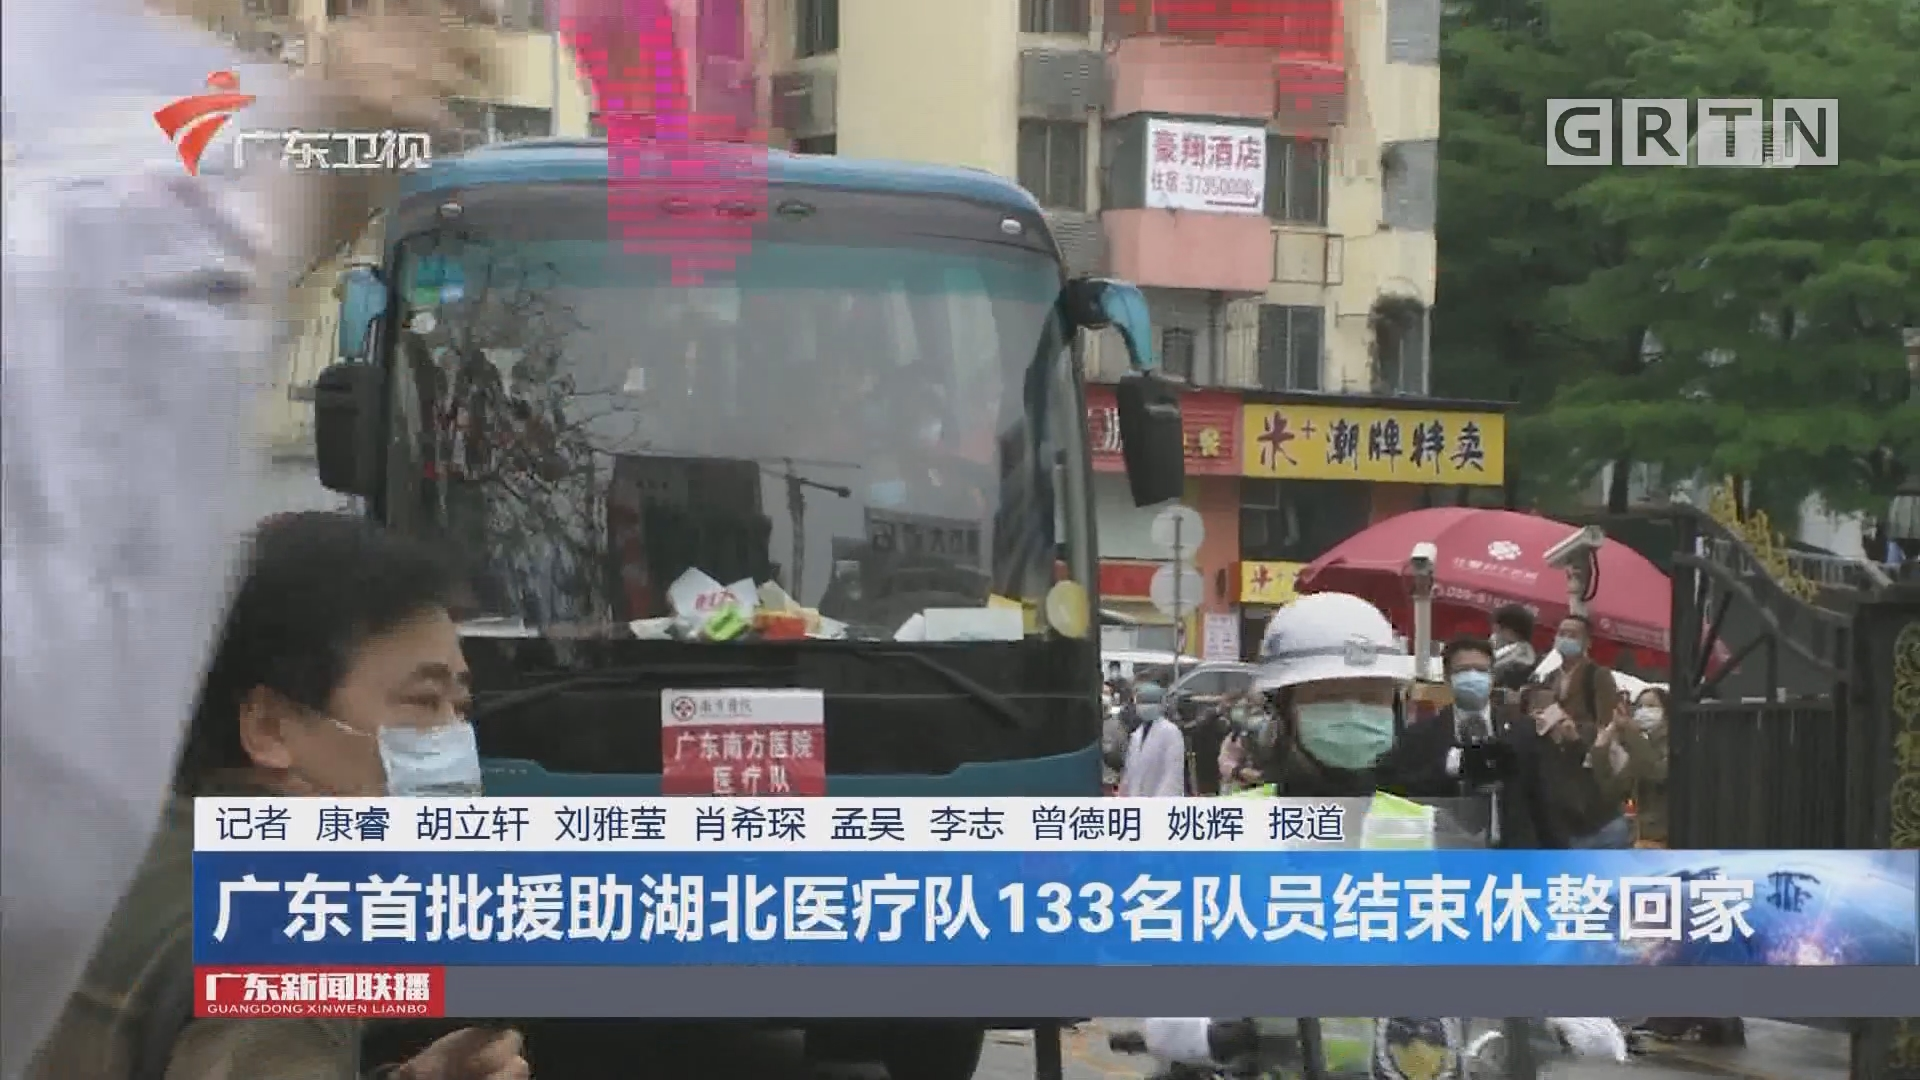 广东首批援助湖北医疗队133名队员结束休整回家